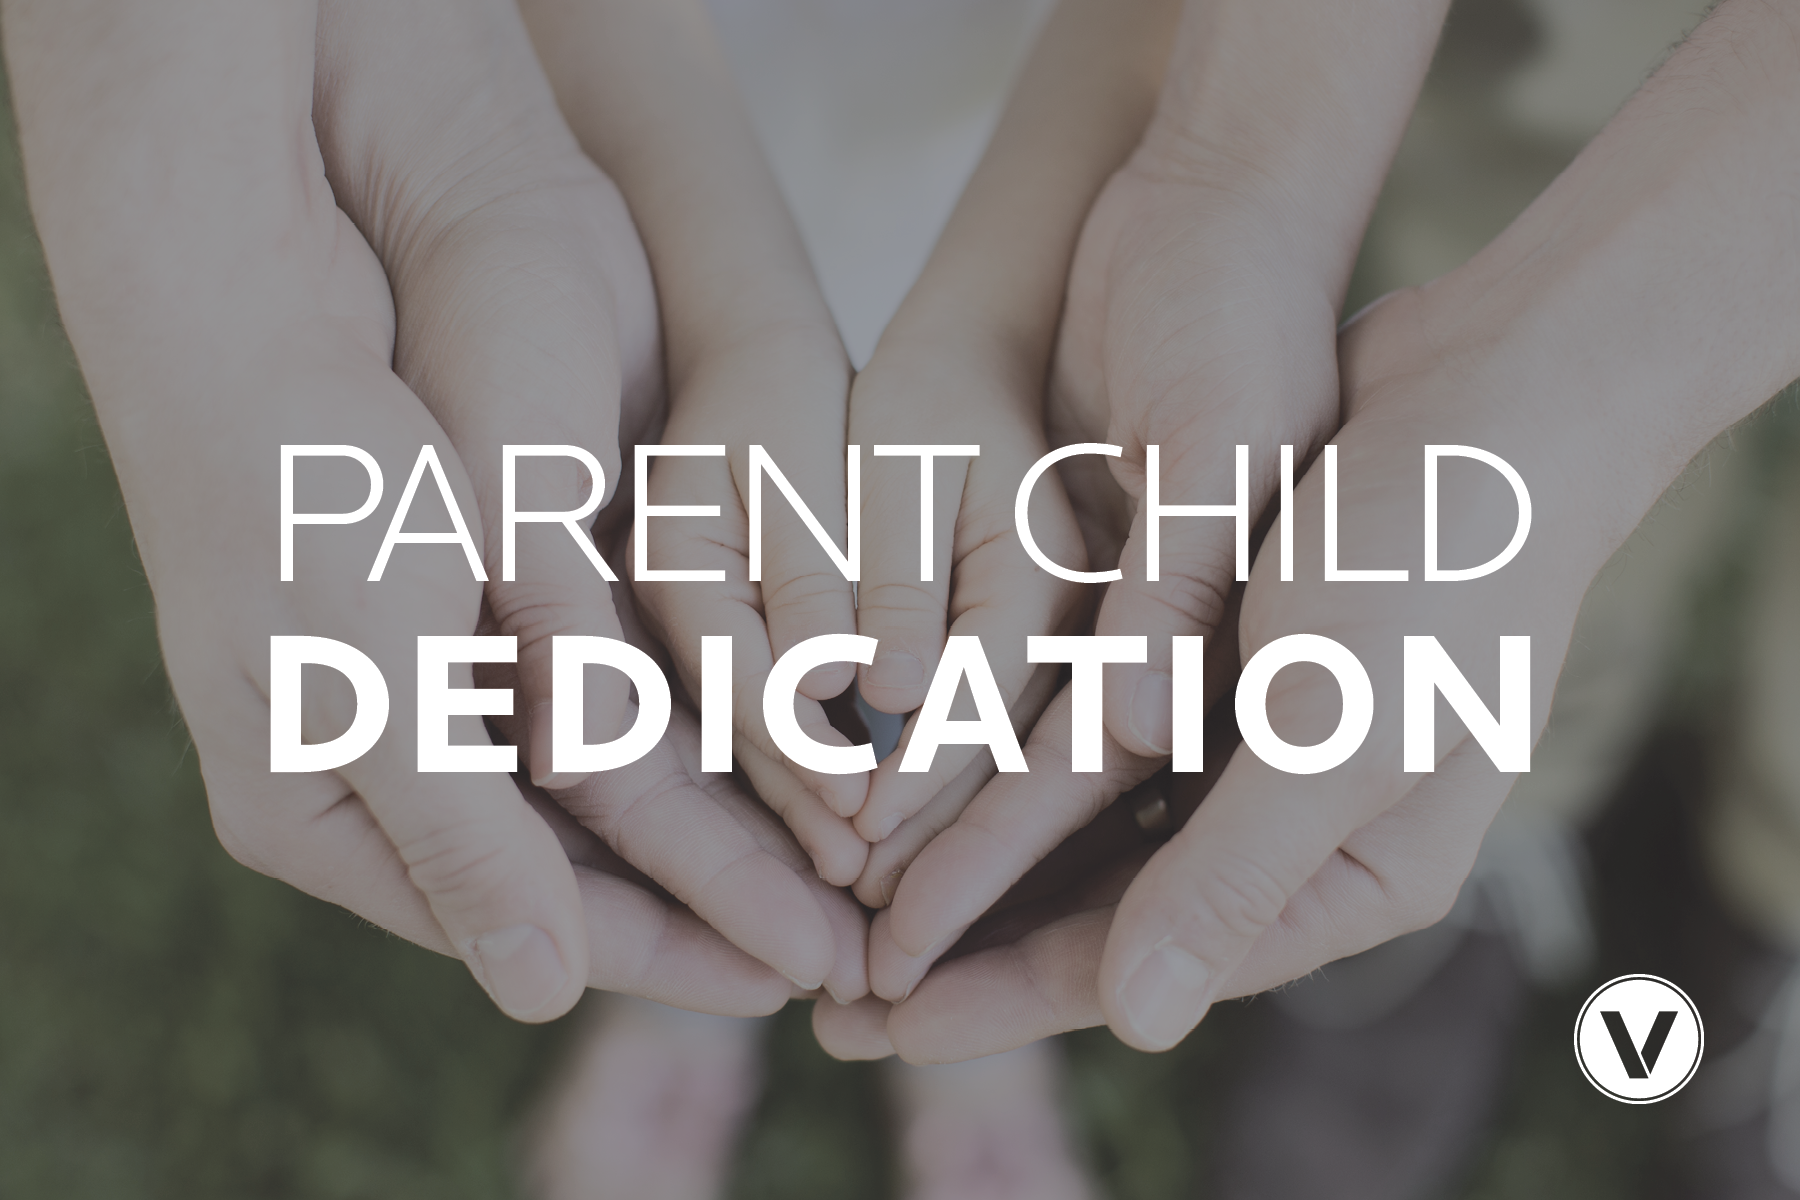 2019 01 06 Parent Child Dedication.png